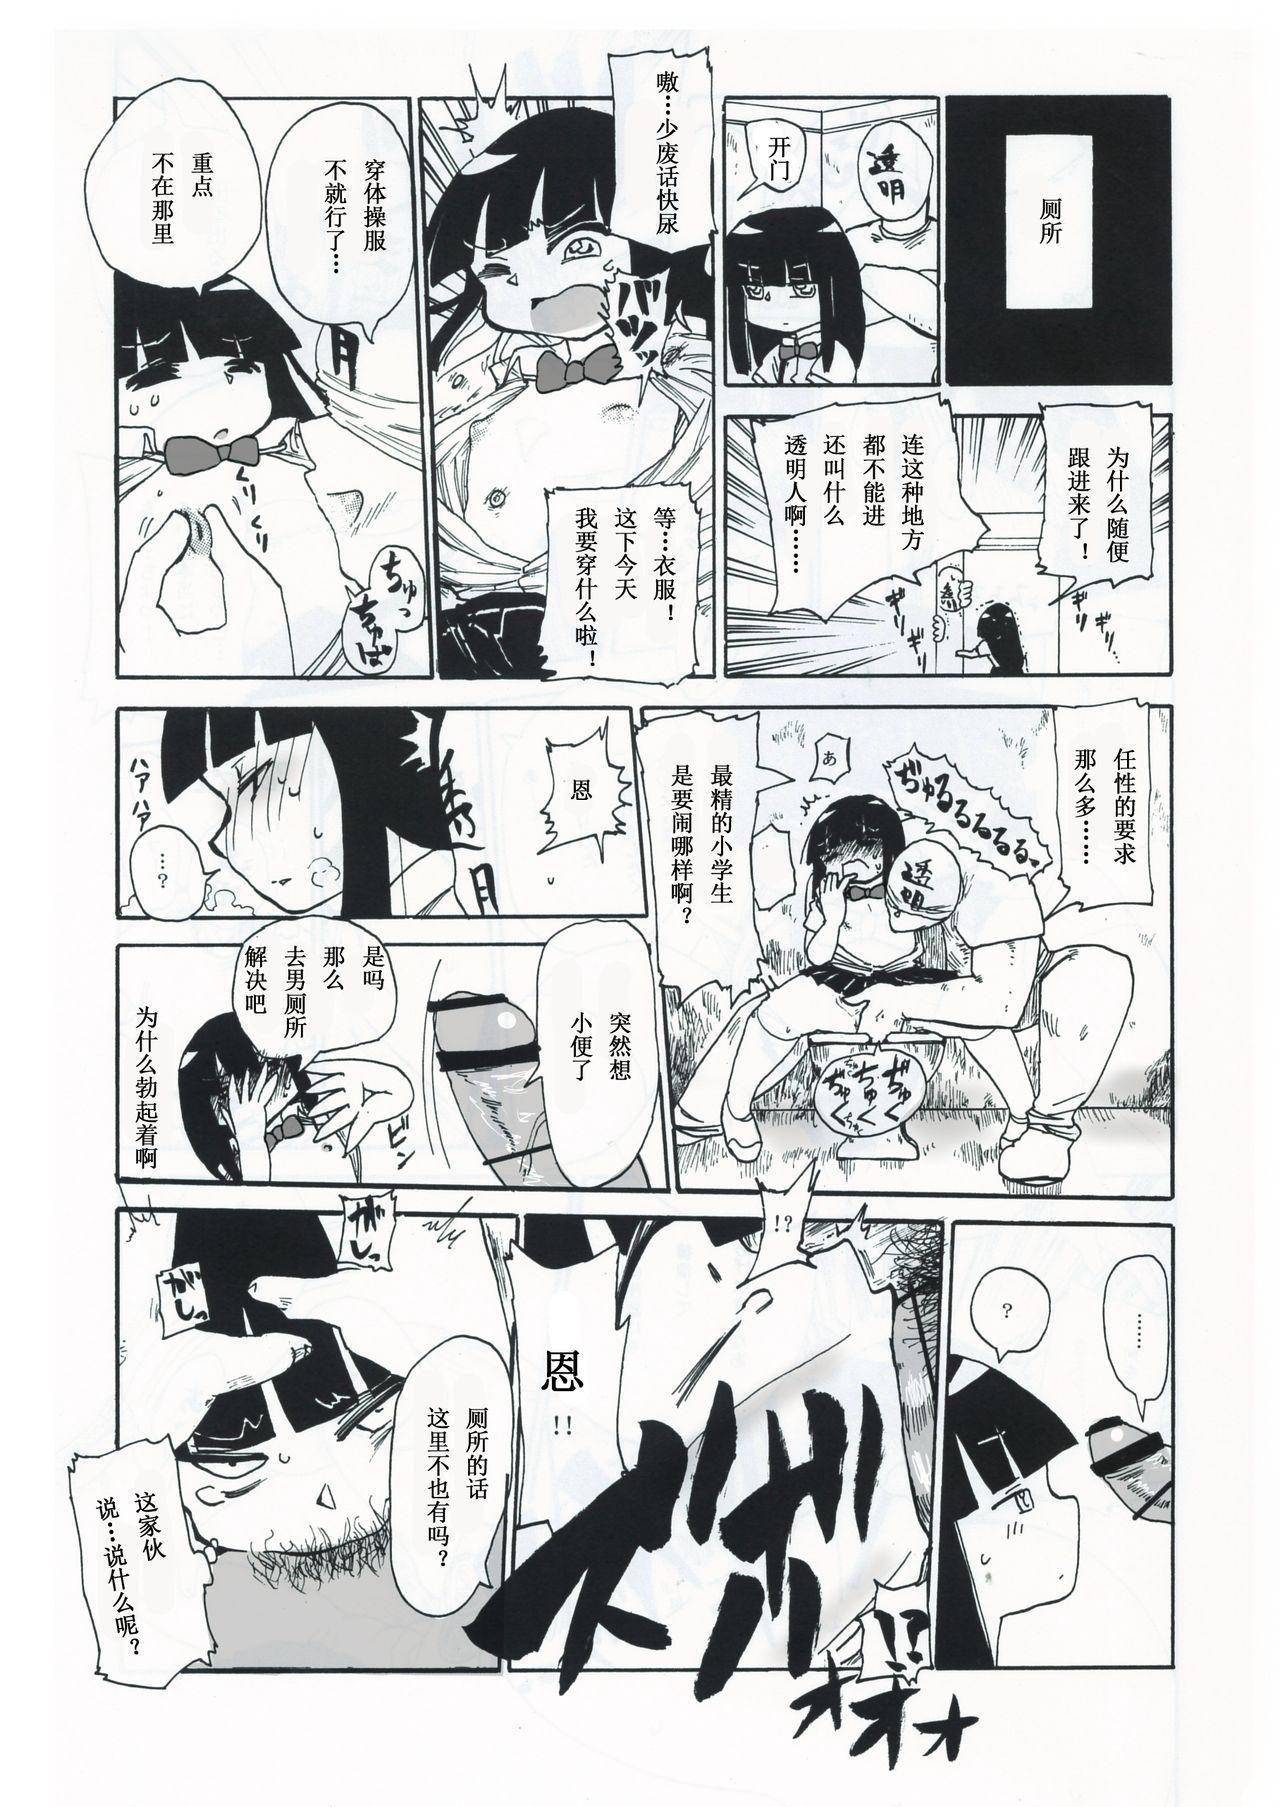 Kiki Kaikai! | 奇奇怪怪 14